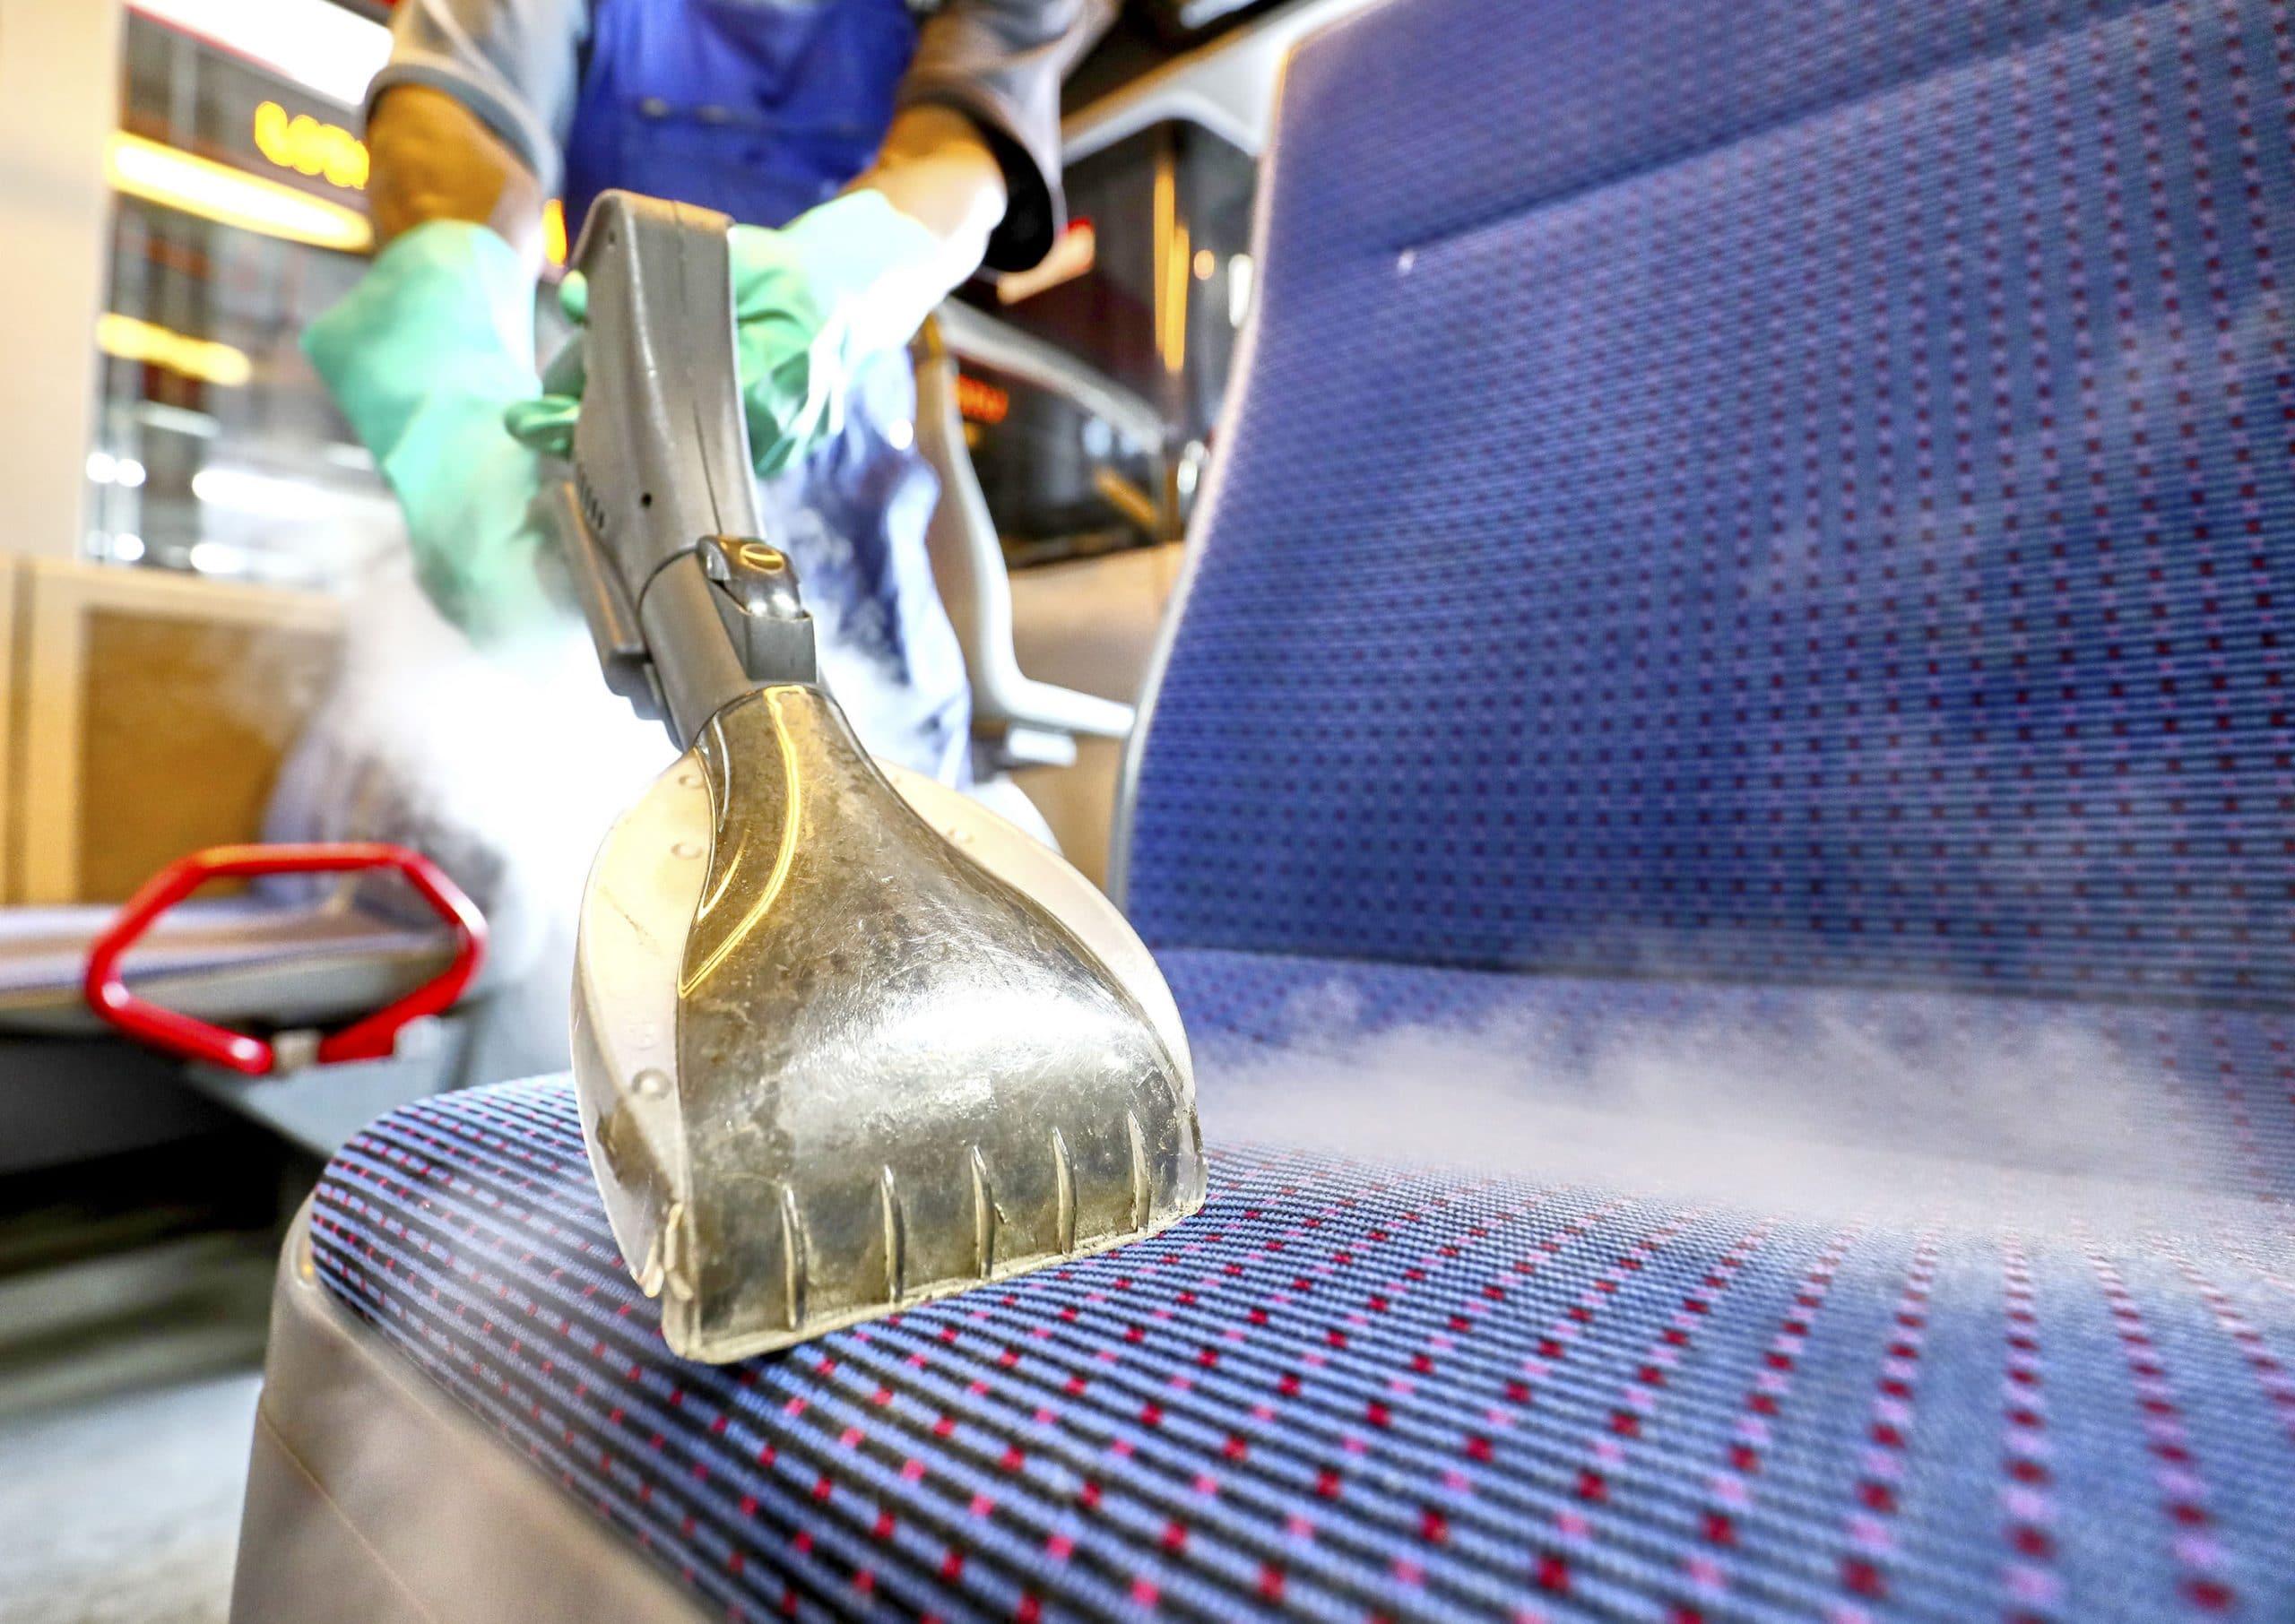 Corona: Top-Hygiene  ist wichtiger denn je – HACCP-zertifizierte Dampfsaugsysteme töten 99,9 Prozent an Keimen und Bakterien ab und inaktivieren Viren